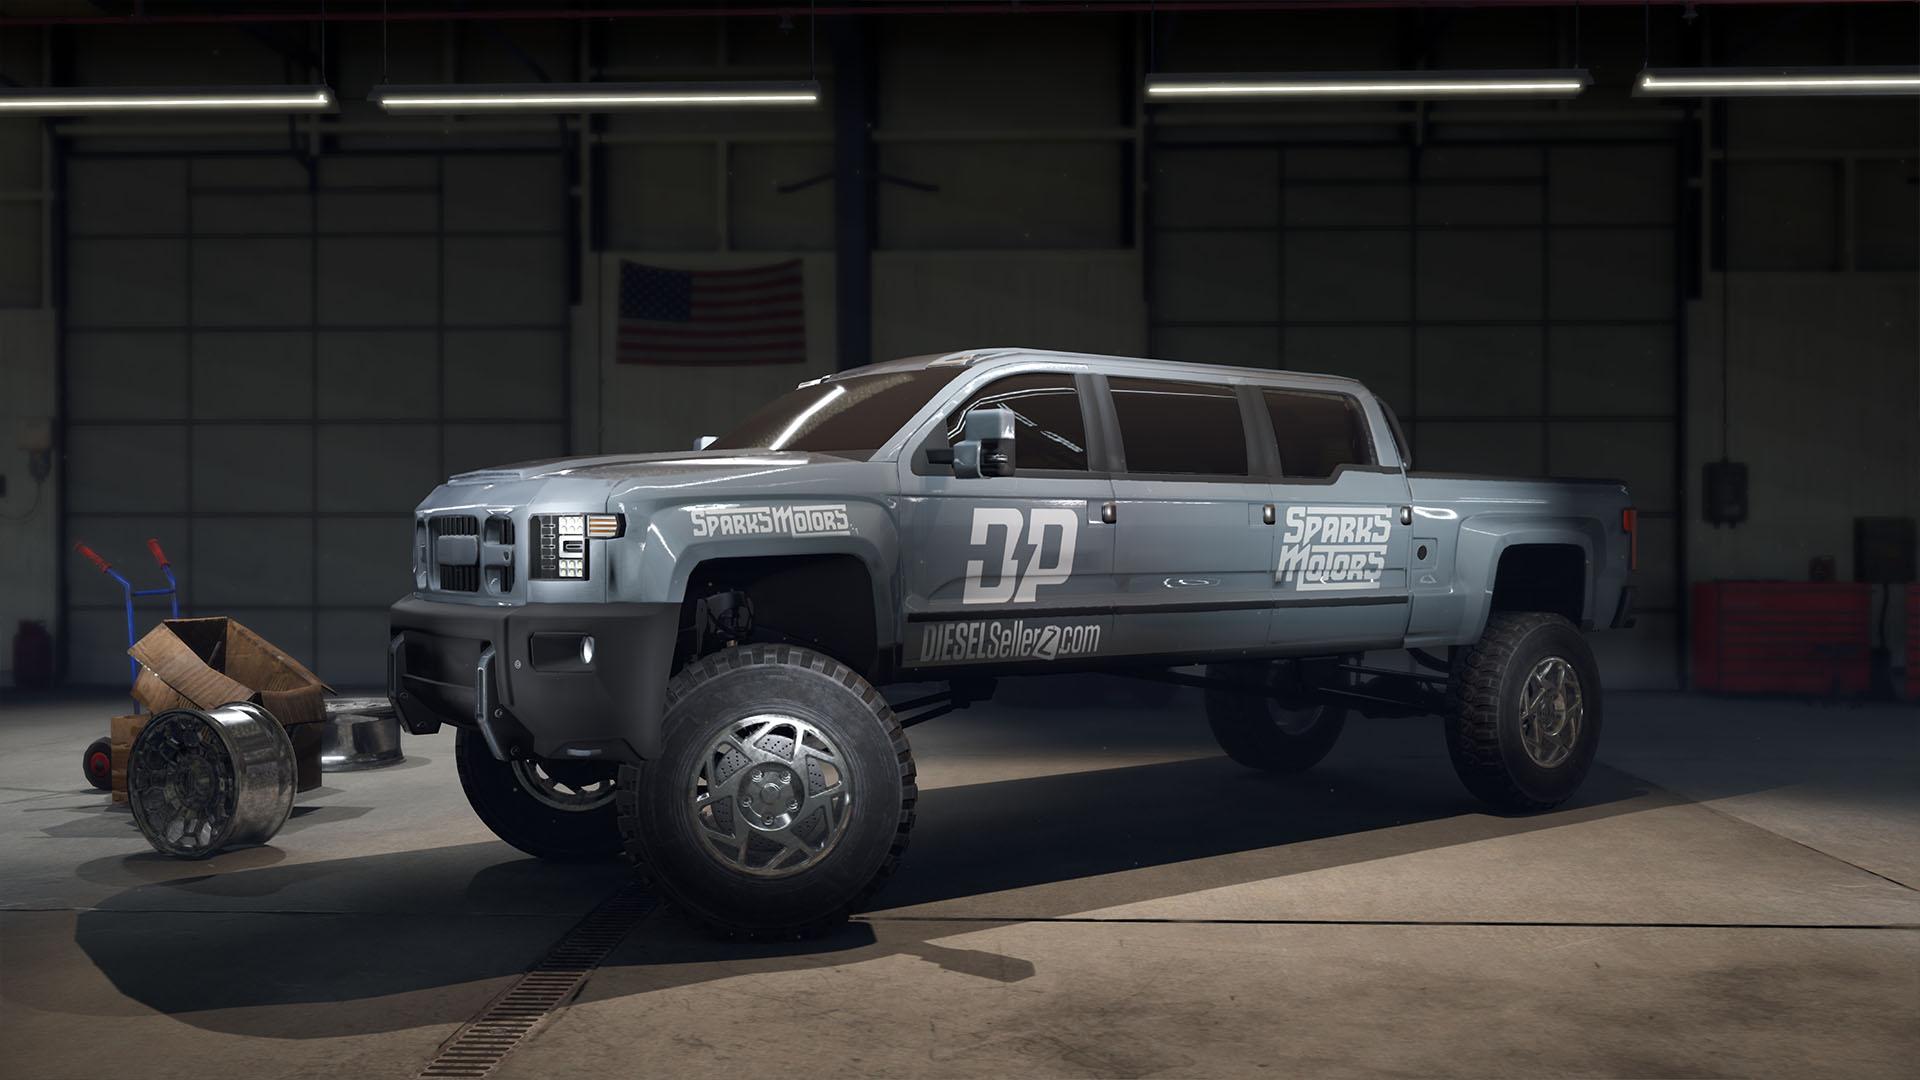 DieselBrothers RamRunnerGarage Dizel Kardeşler   Kamyon Yapımı Simülasyon Oyununu İndir